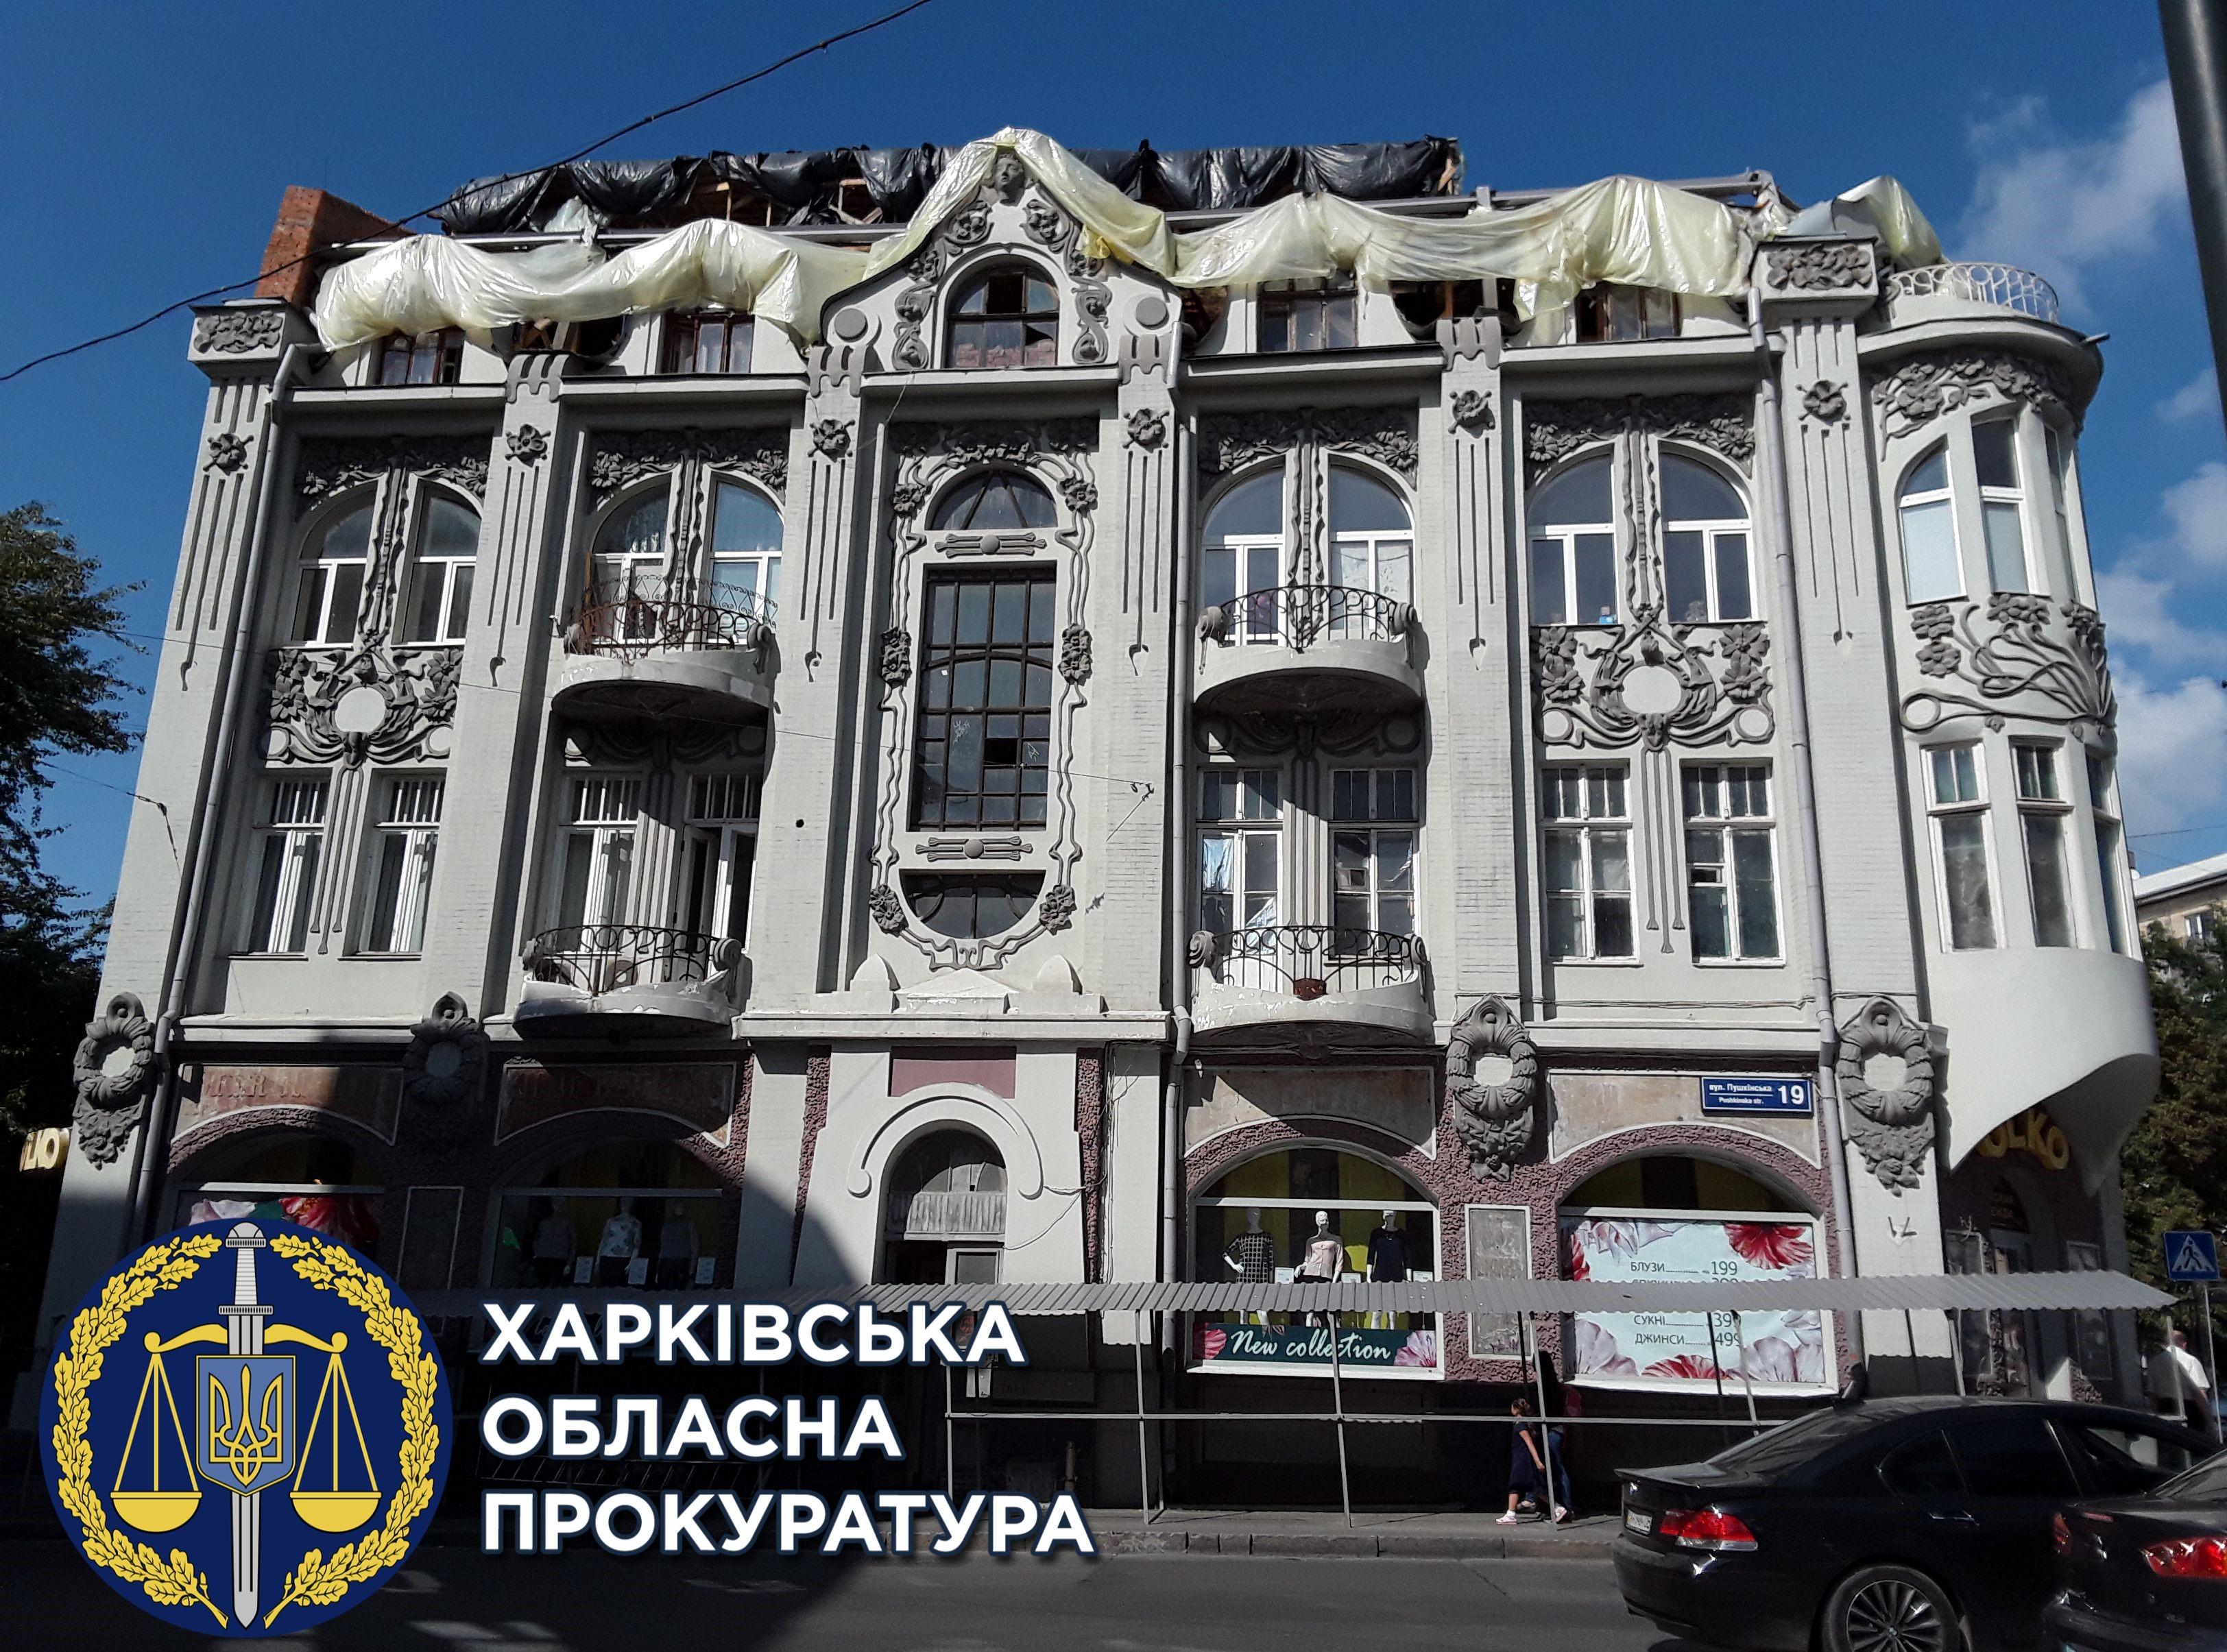 Апелляционный суд удовлетворил иск о восстановлении памятника архитектуры по ул. Пушкинской, 19